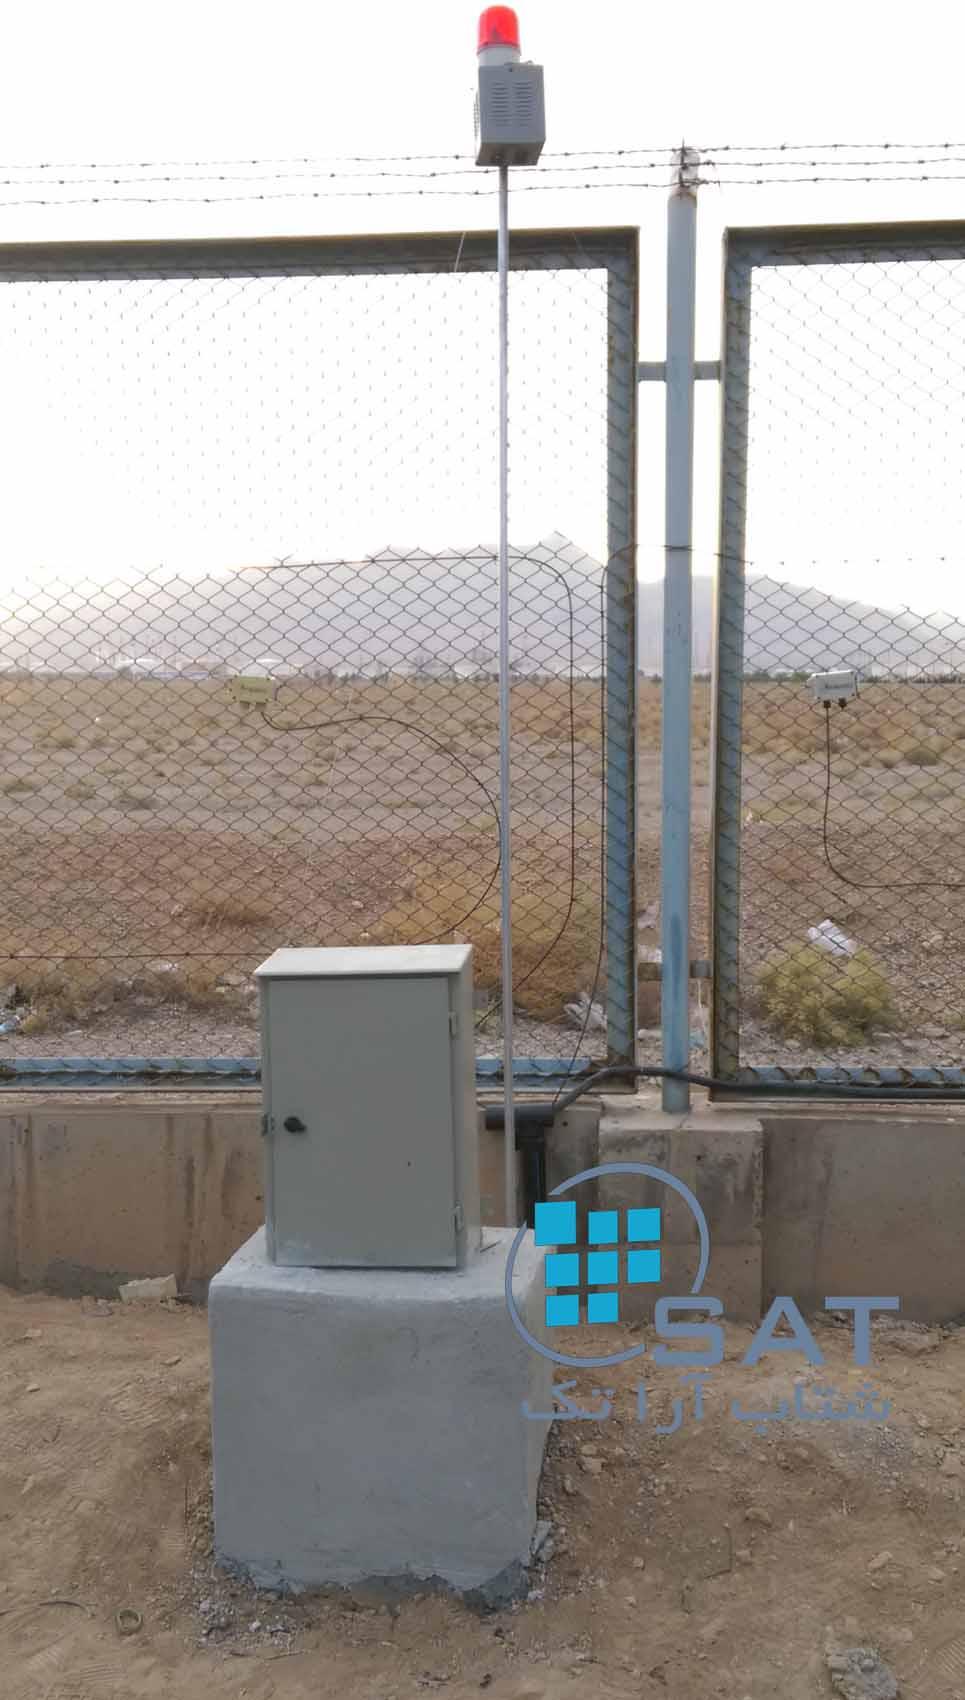 مرکز کنترلر سامانه های حفاظت پیرامونی سنسور میکروفونی